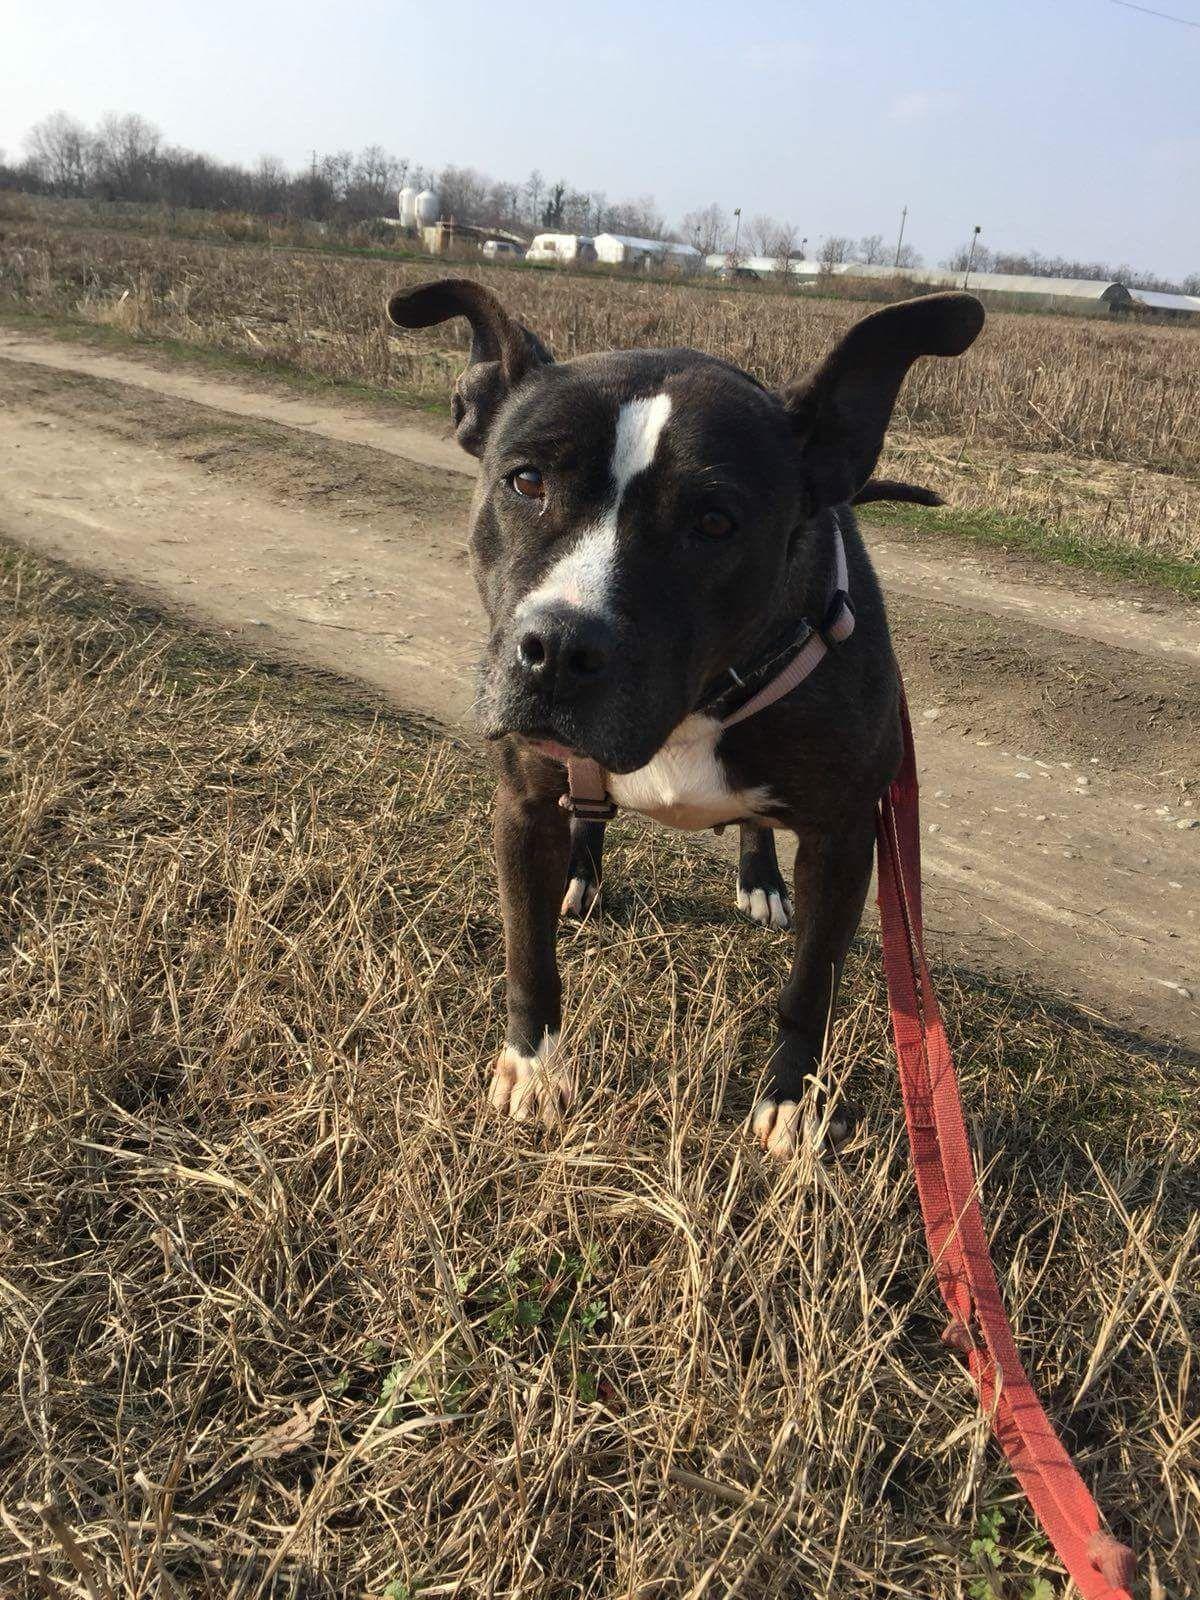 Zaida cerca casa: appello per adozione